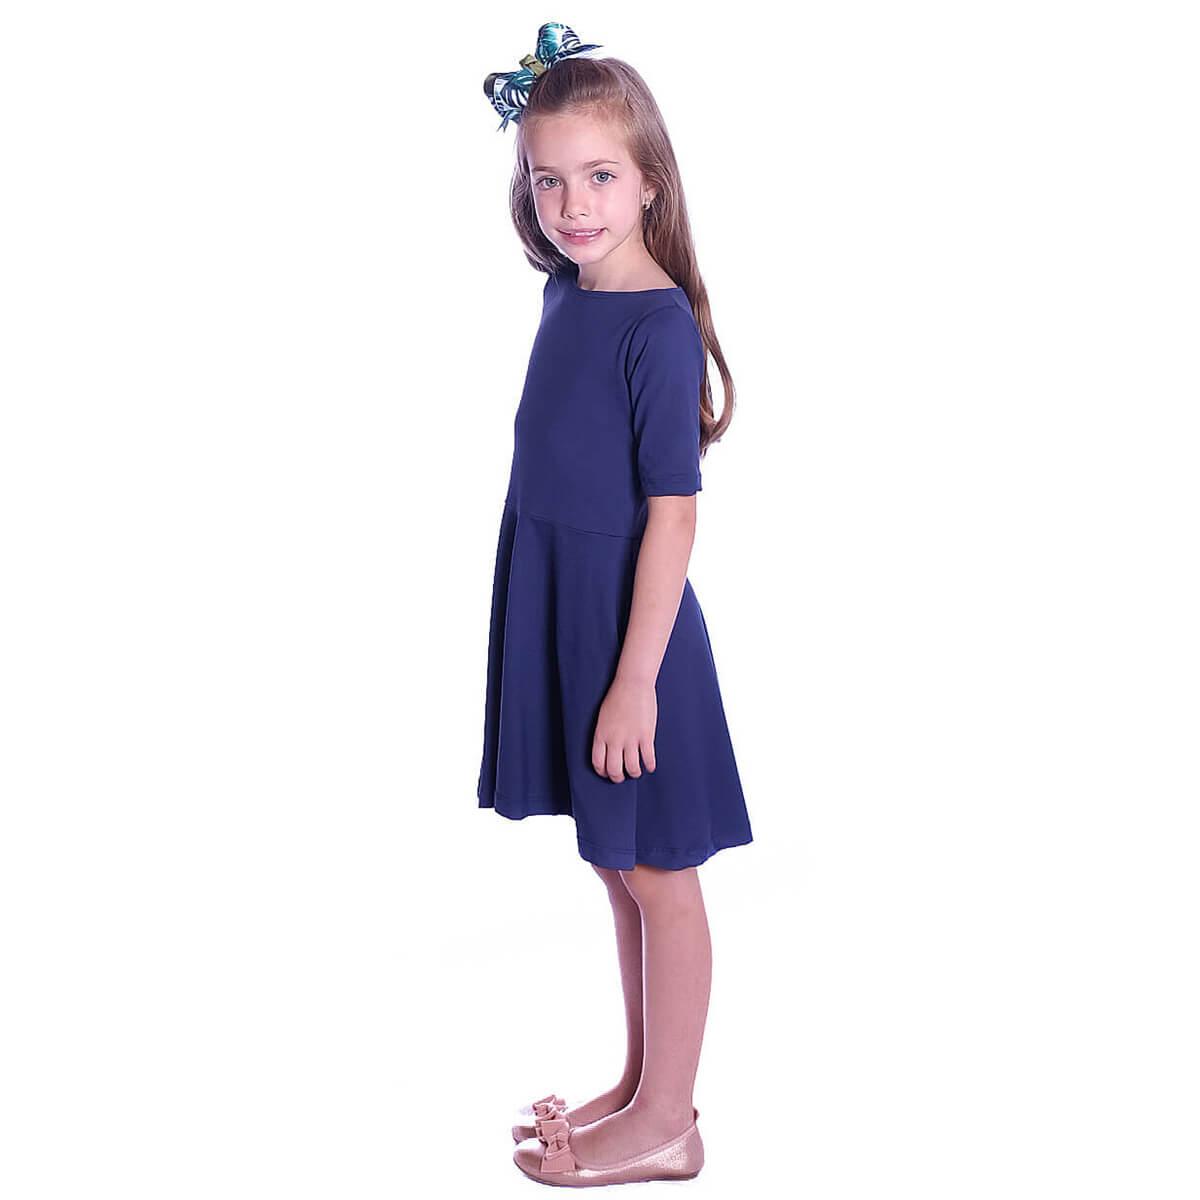 Vestido Infantil Manga Curta Azul Marinho Decote Canoa